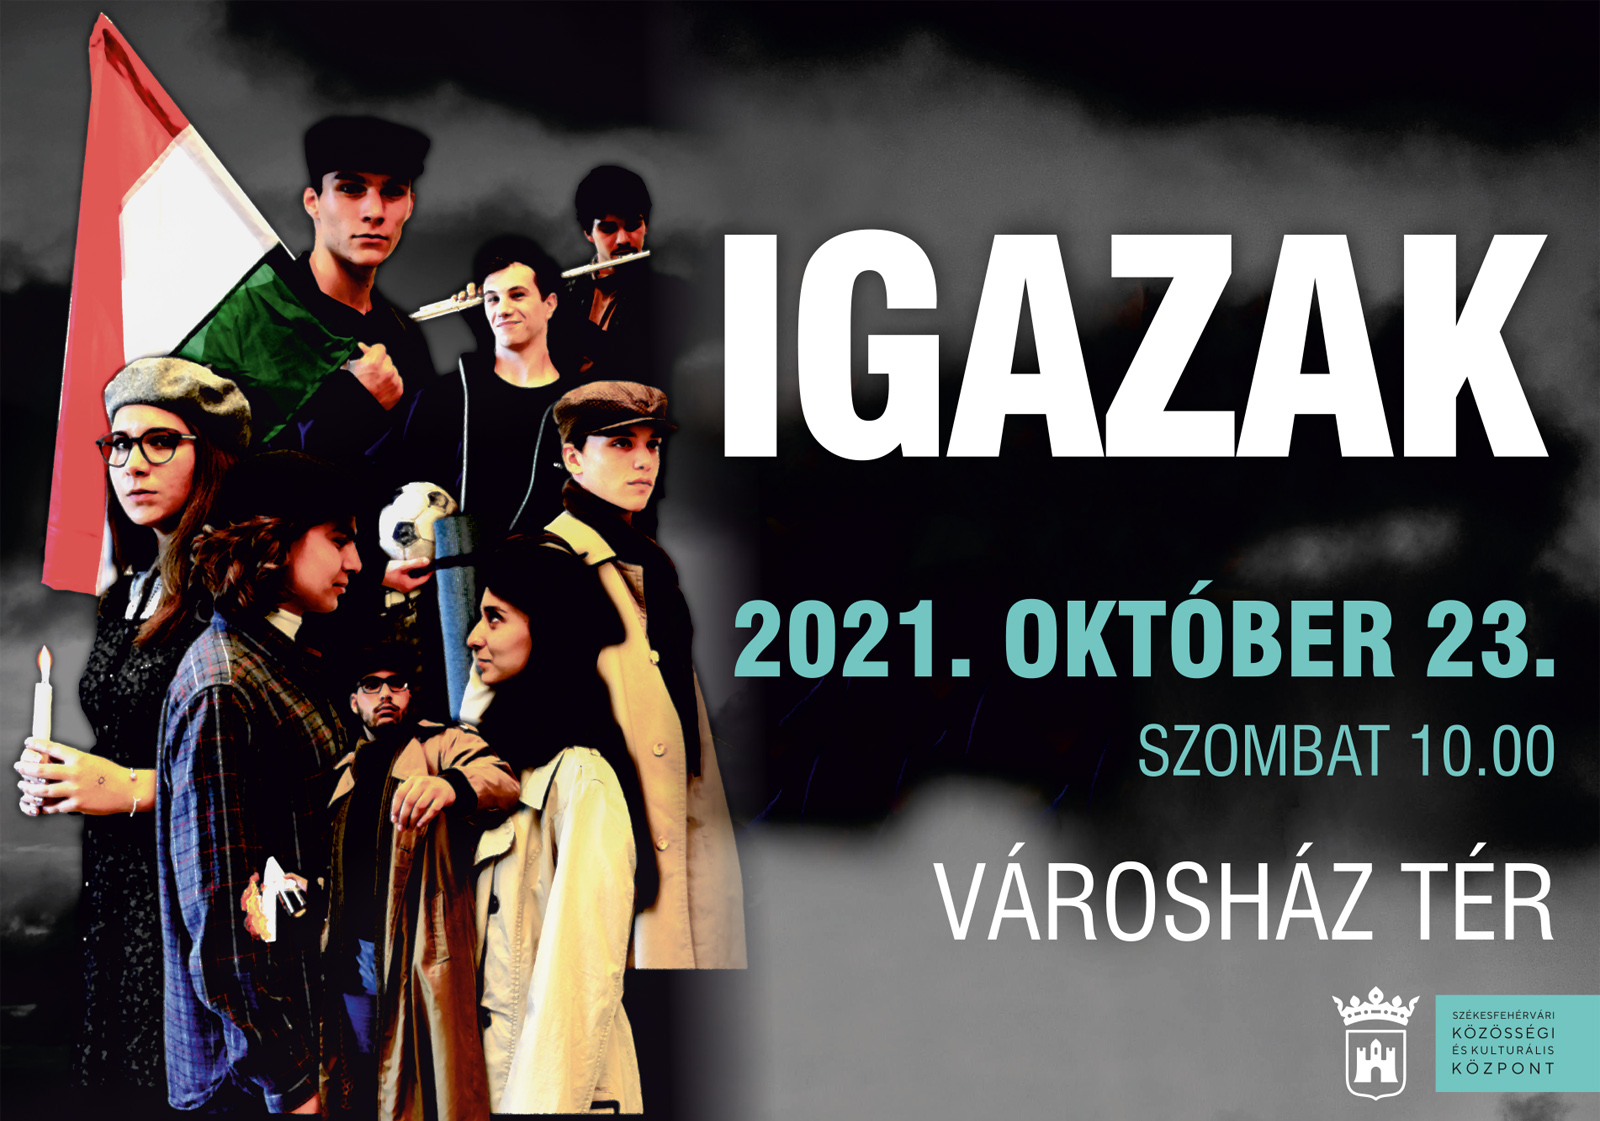 Igazak – ünnepi műsor október 23-án @ Városház tér